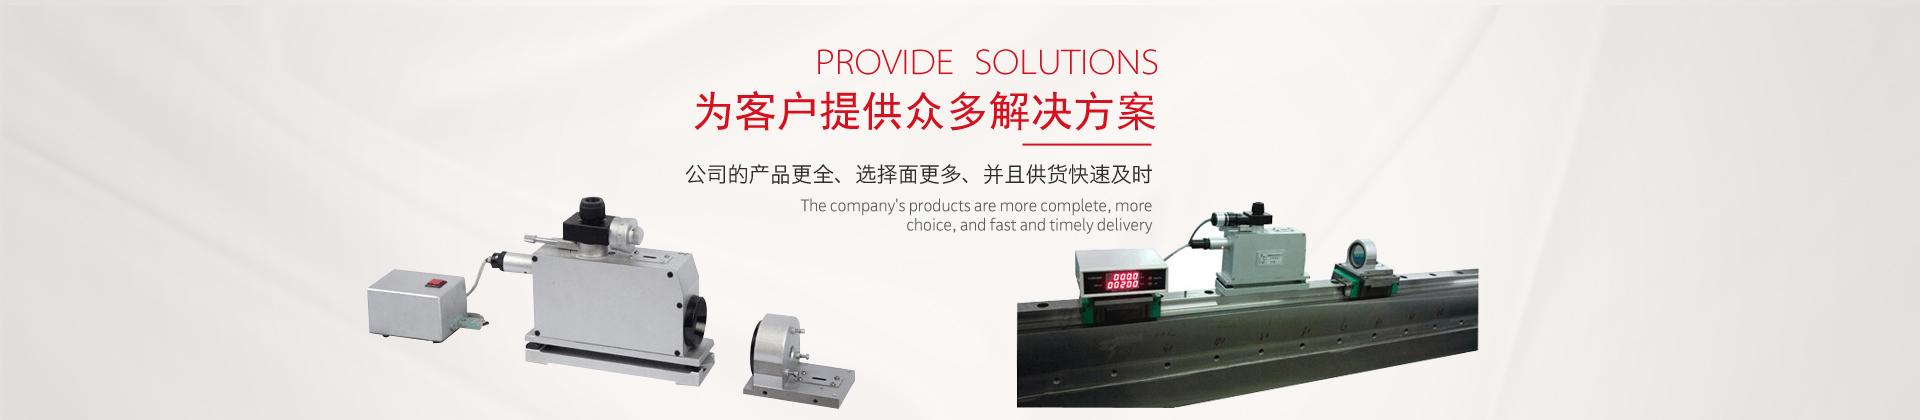 采购光电自准直仪-上海阜力一站式工业品检测供应